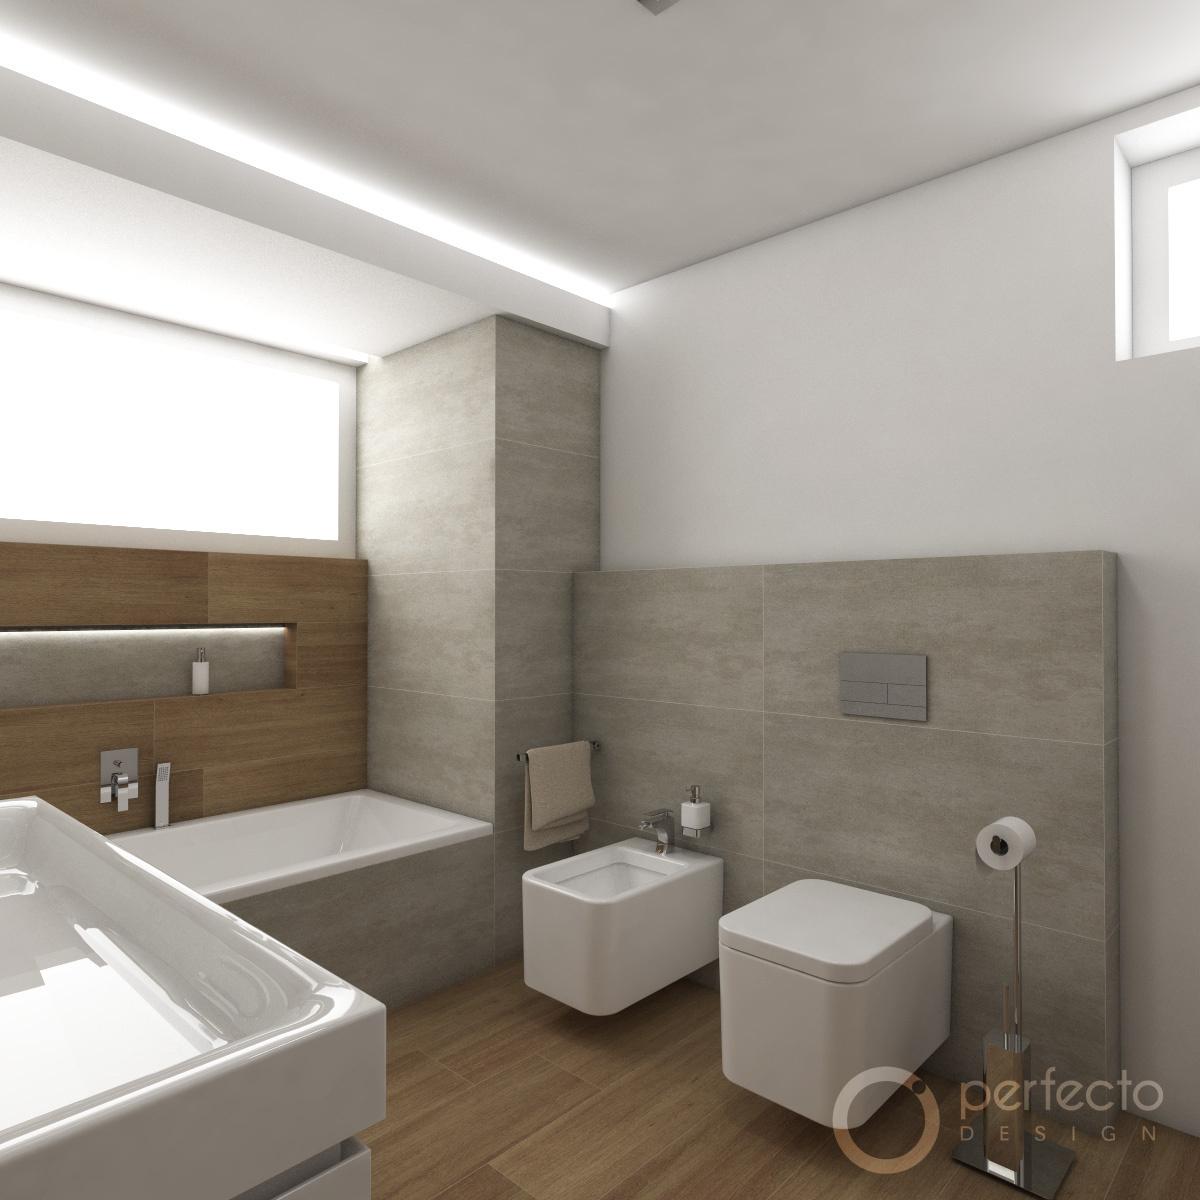 badezimmer design massiv blox haus design und m bel ideen. Black Bedroom Furniture Sets. Home Design Ideas